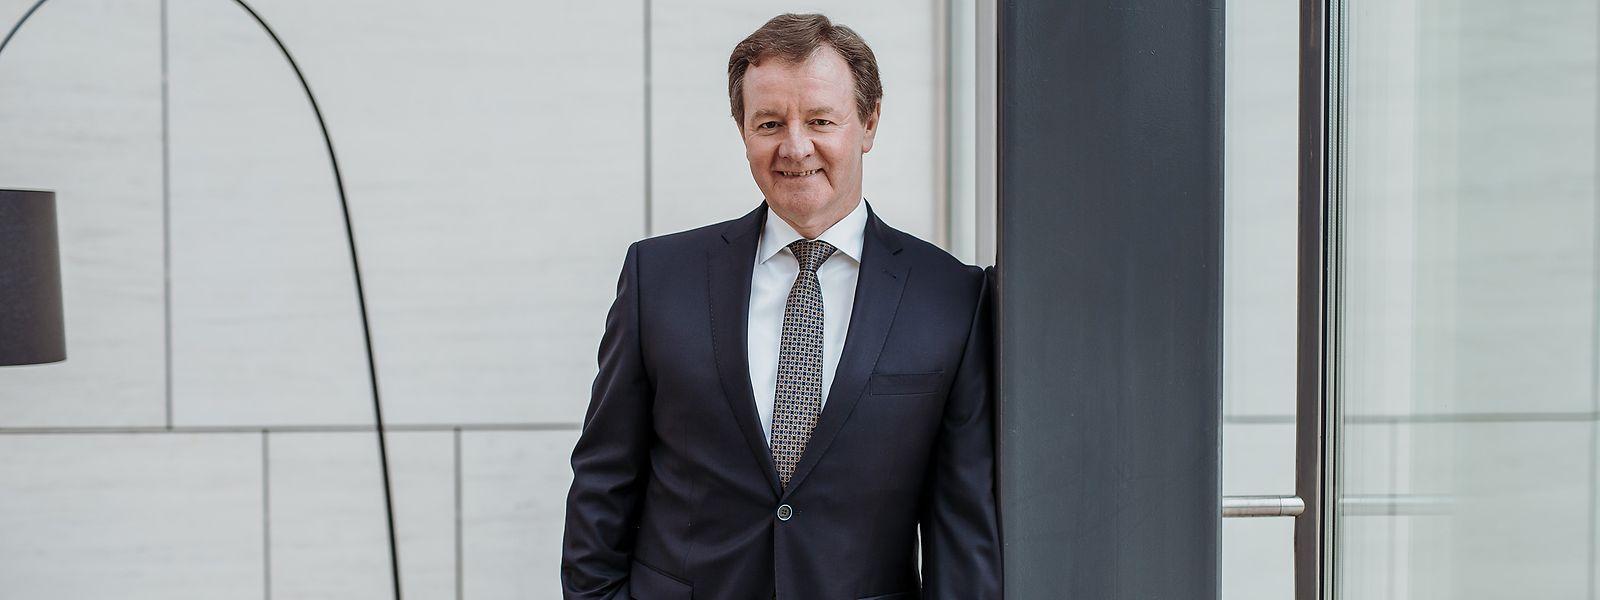 Yves Biewer wird zum 1. November neuer Vorstandsvorsitzender bei dem Unternehmen.